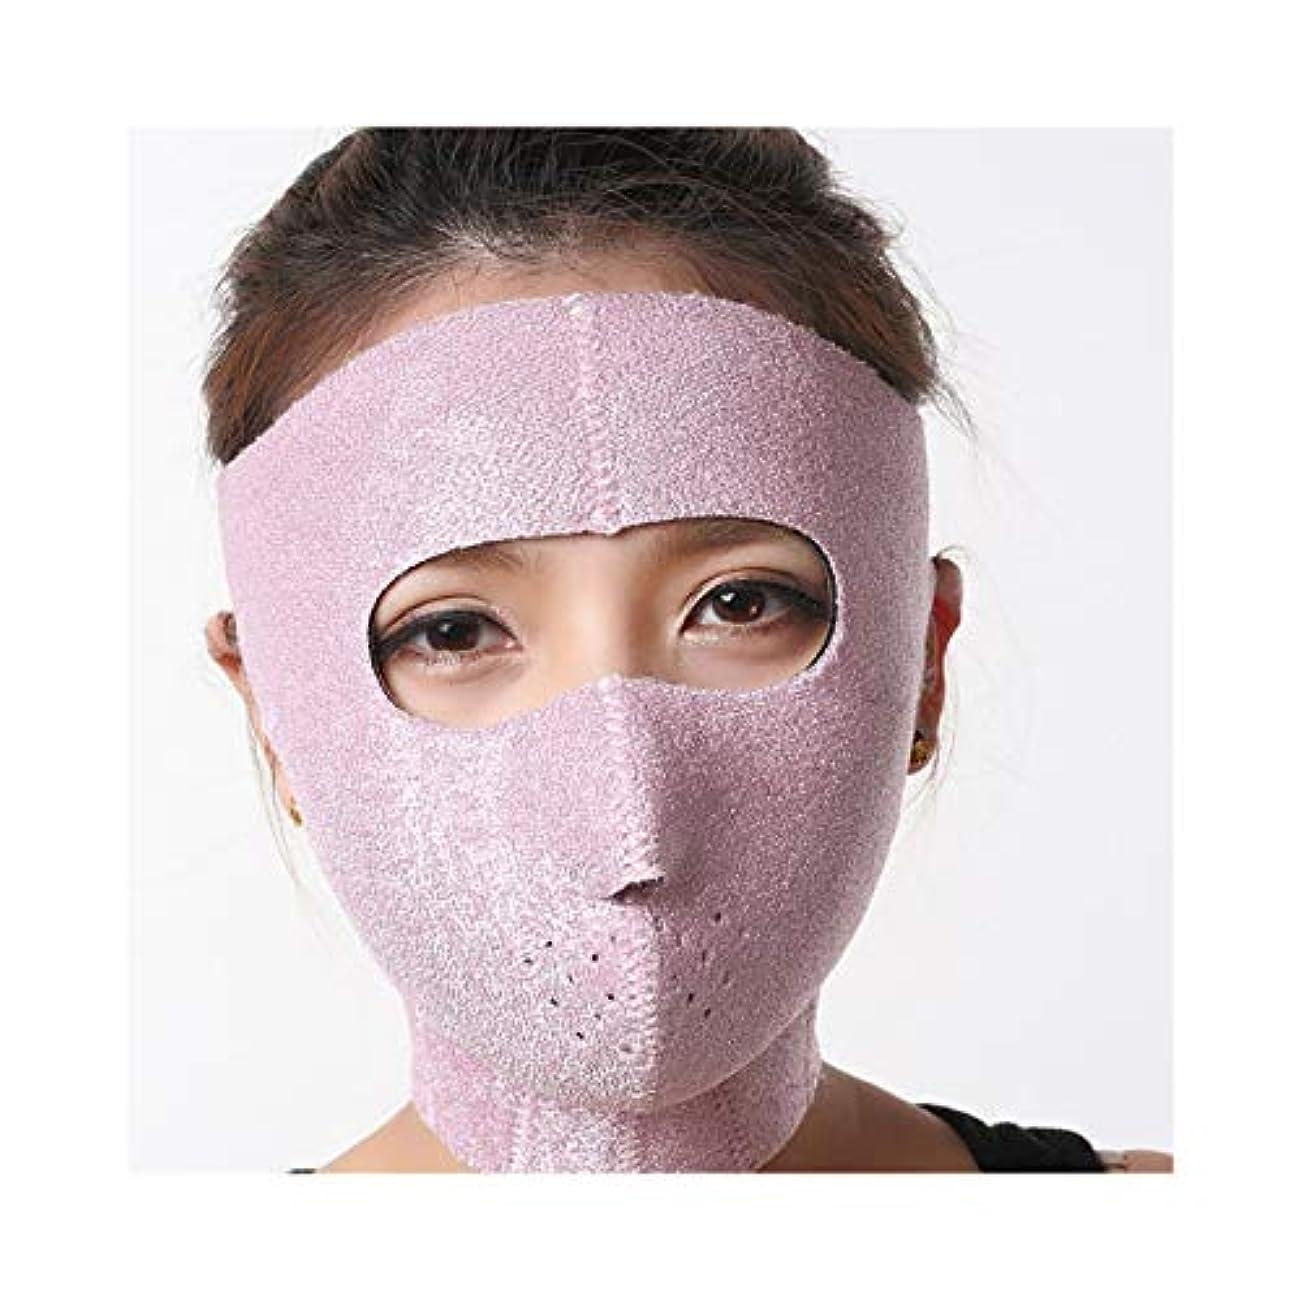 ボウル眠っているスキムLJK 痩身ベルト、フェイシャルマスク薄いフェイスマスク睡眠薄い顔マスク薄い顔包帯薄い顔アーティファクト薄い顔の顔の持ち上がる薄い顔小さいV顔睡眠薄い顔ベルト